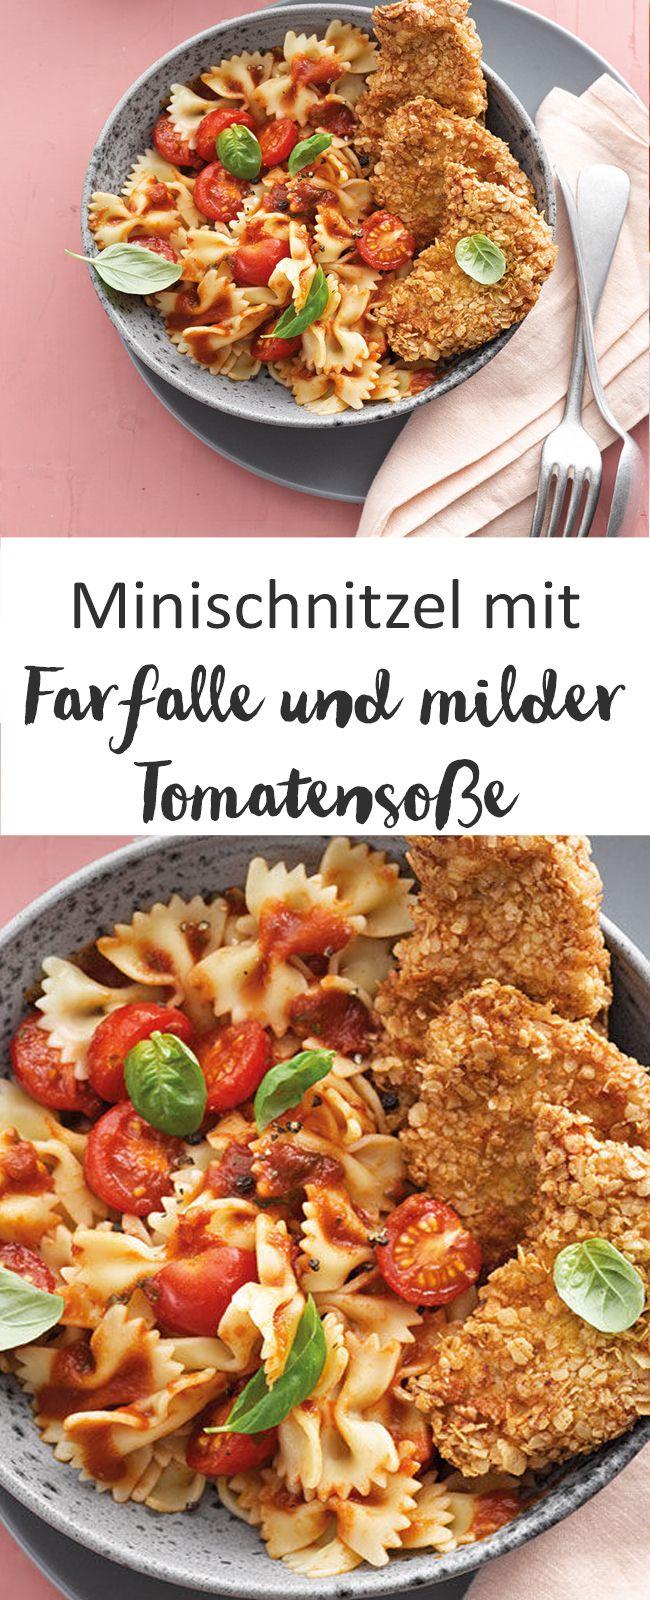 Minischnitzel Pasta Farfalle Pastarezept Rezept Mittagessen I Weight Watchers